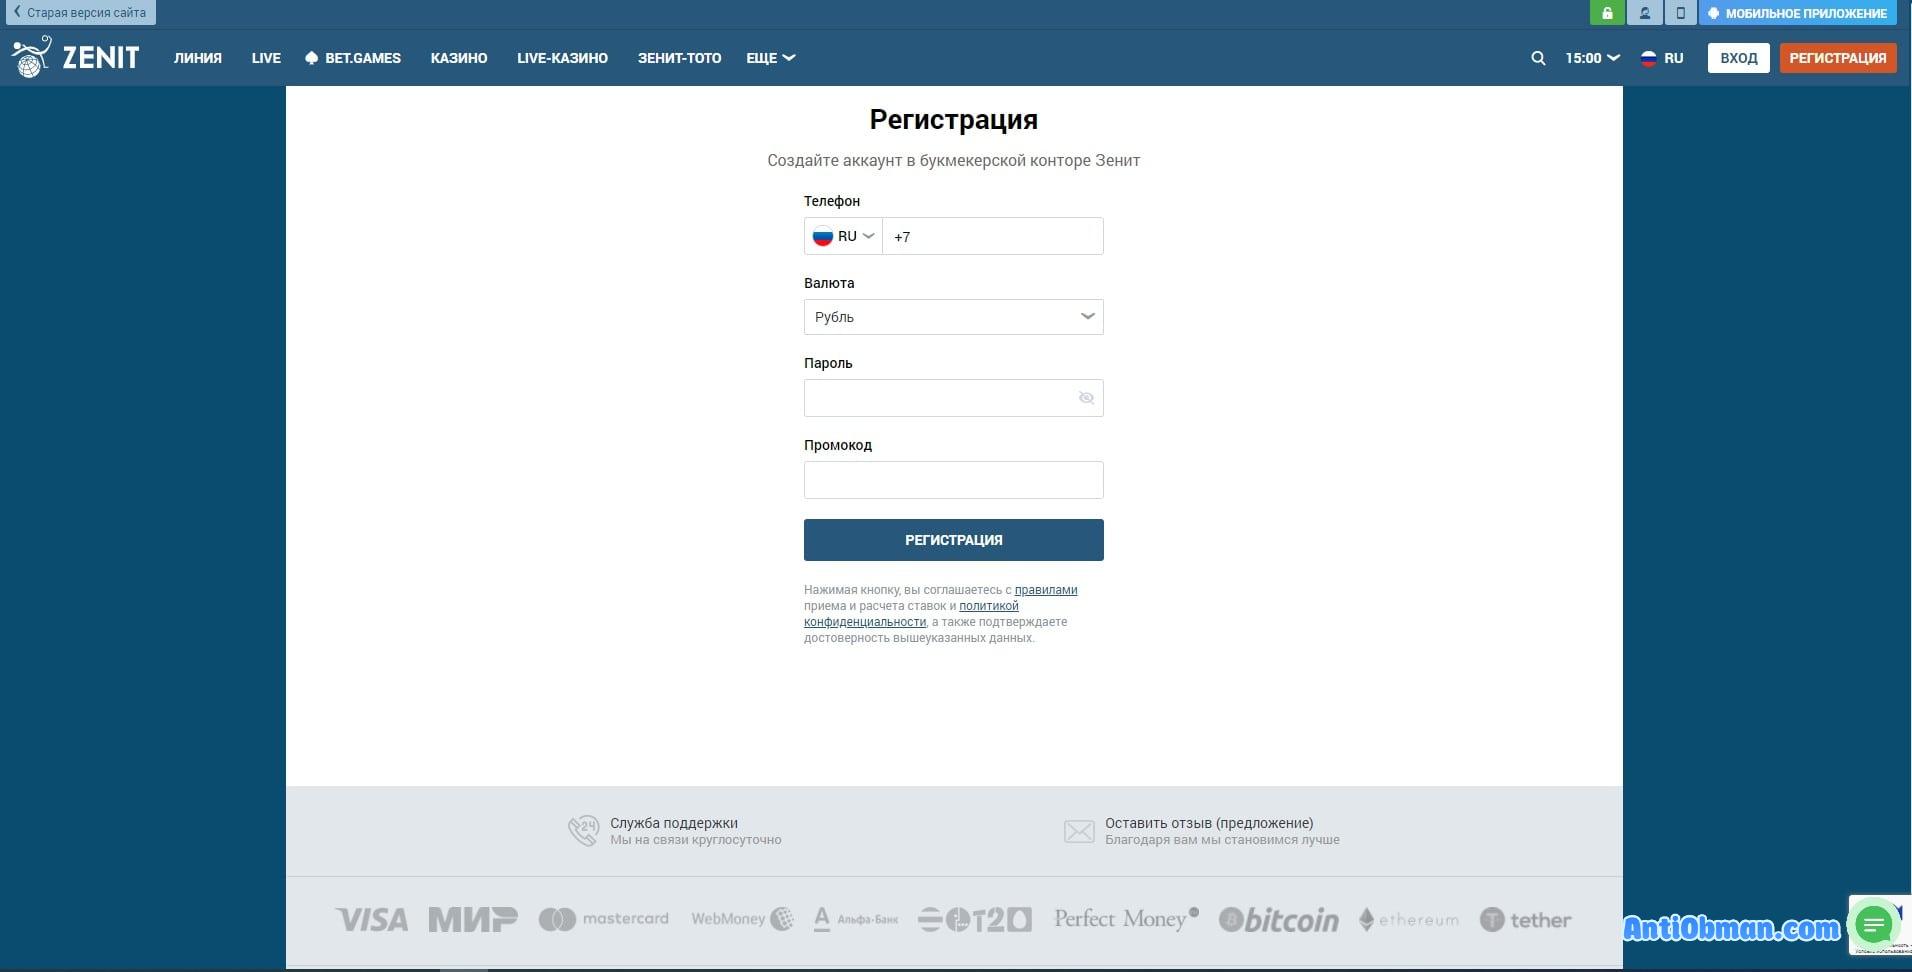 Букмекерская контора Зенит – обзор и информация